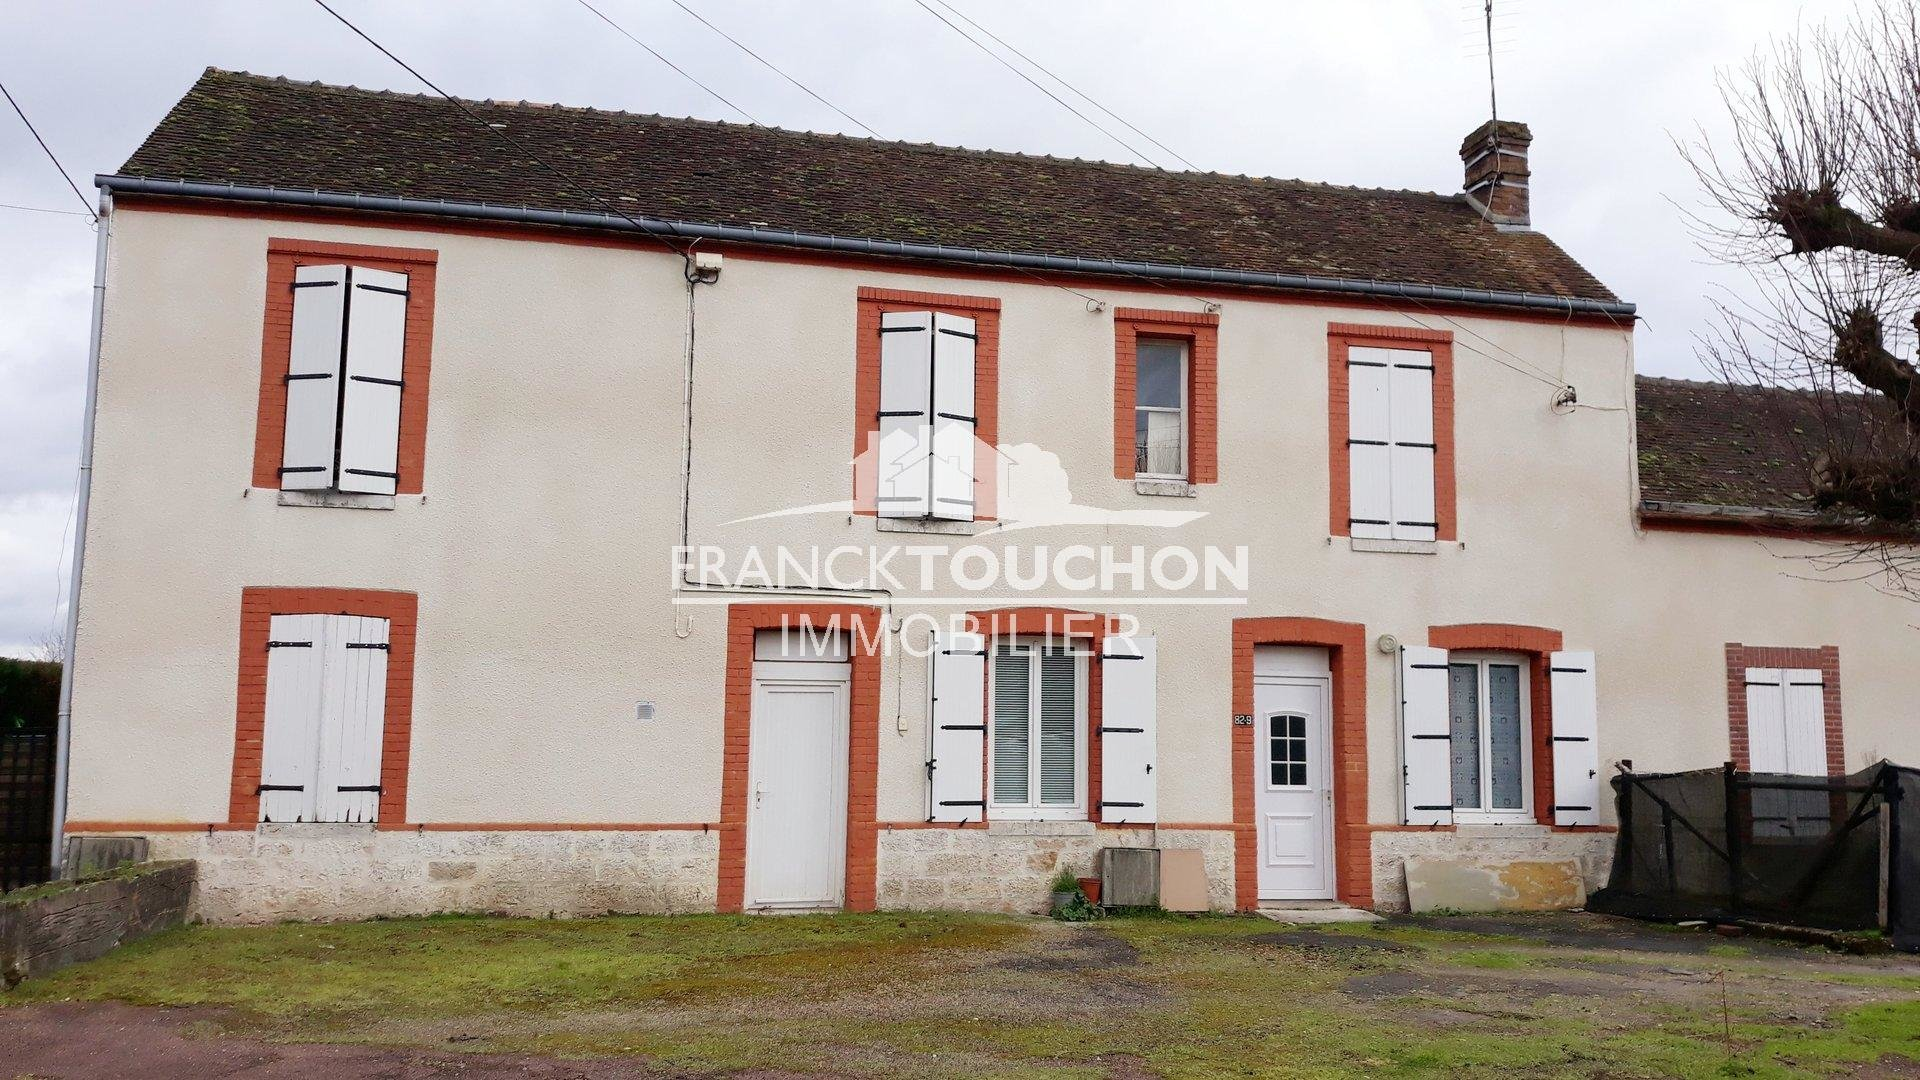 BEL IMMEUBLE de rapport à CHALETTE SUR LOING (Loiret) - 374 m² habitable environ - 9 appartements loués - grande cour et jardin (terrain de 1628 m²)